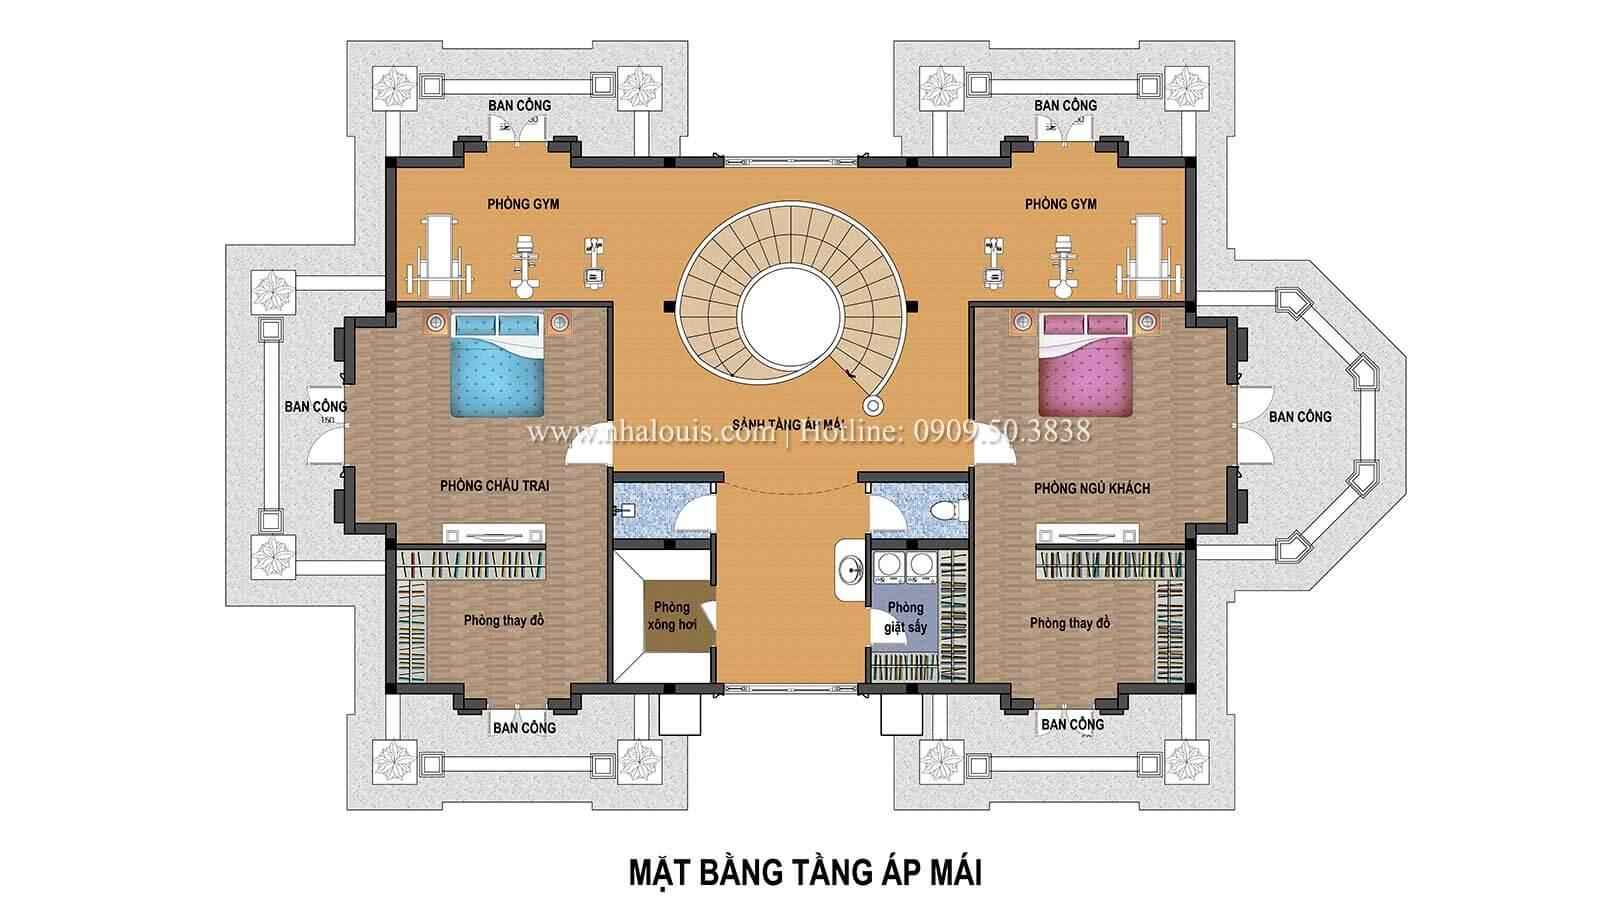 Mặt bằng tầng áp mái Biệt thự châu Âu cổ điển chuẩn đẳng cấp tại Kiên Giang - 09